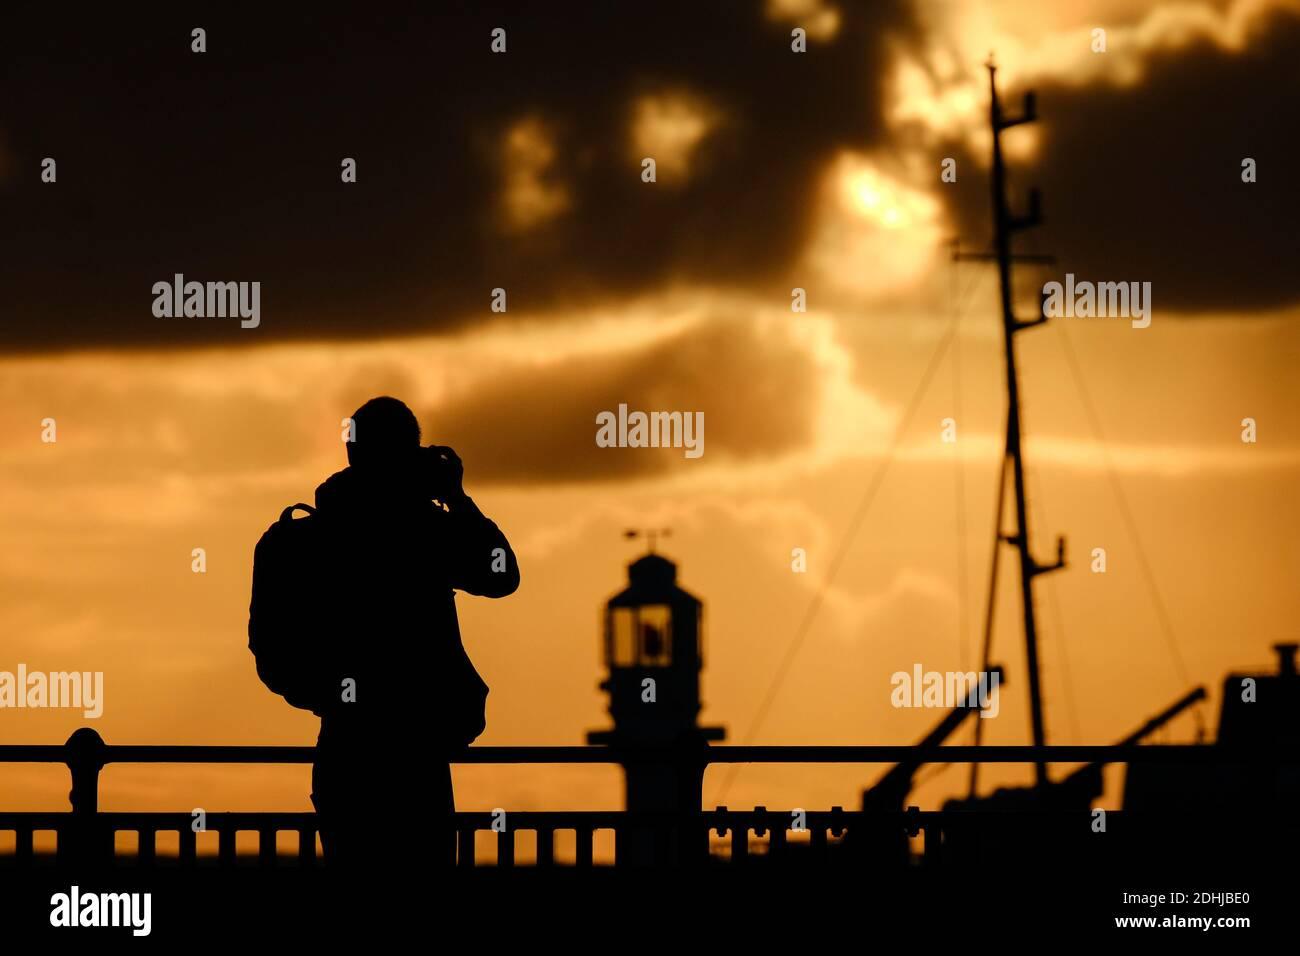 Un photographe capture le calme avant la tempête Alex, alors que le soleil se lève derrière le phare du port de Penzance le premier jour d'octobre. Banque D'Images